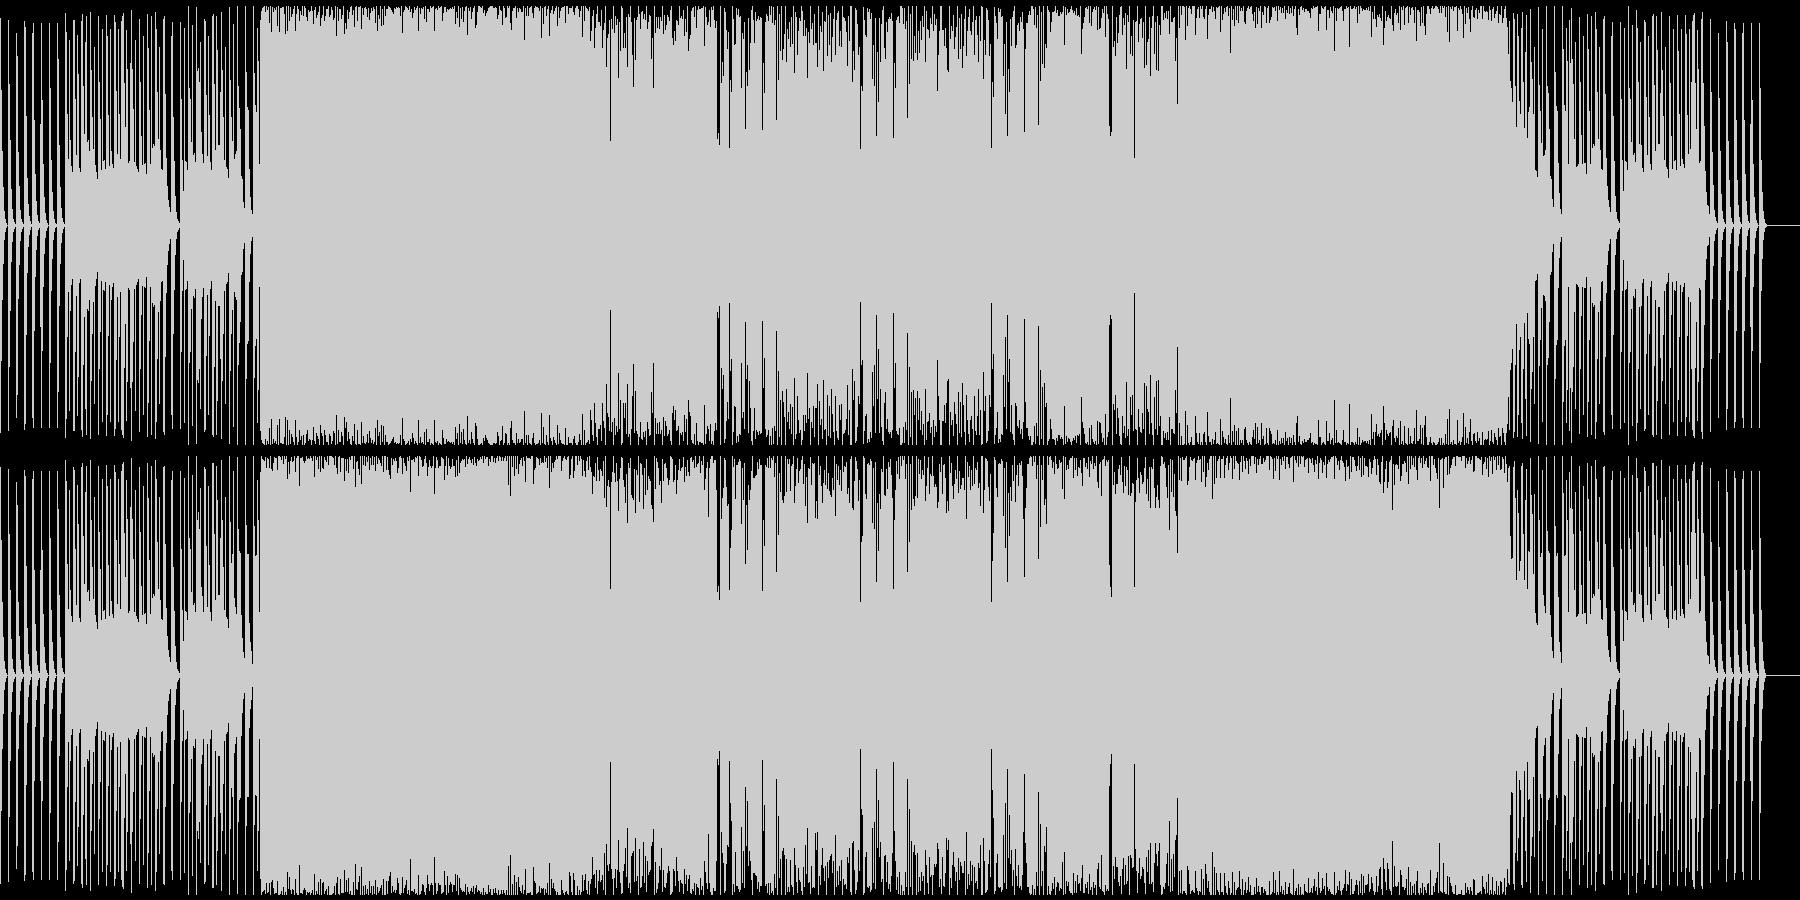 スピード感のあるハードテクノサウンドの未再生の波形